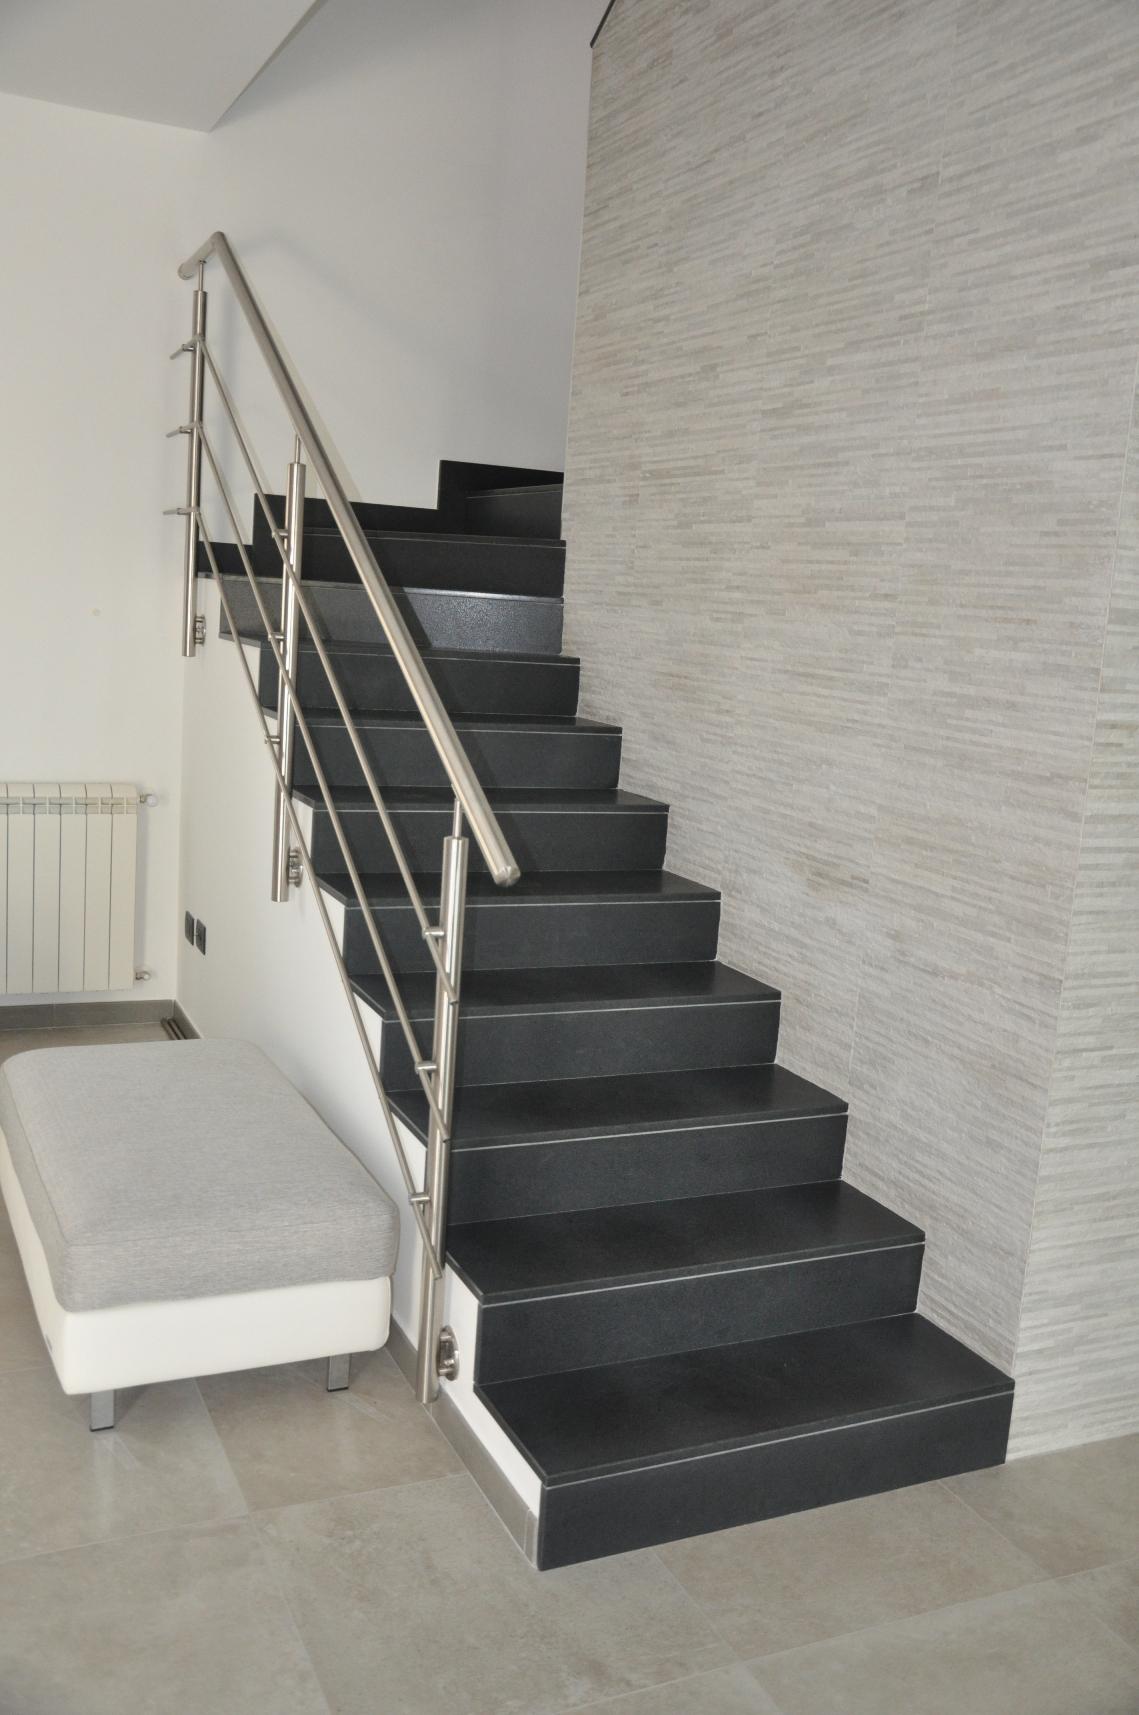 Scala In Marmo Nero scale – cufalo marmi